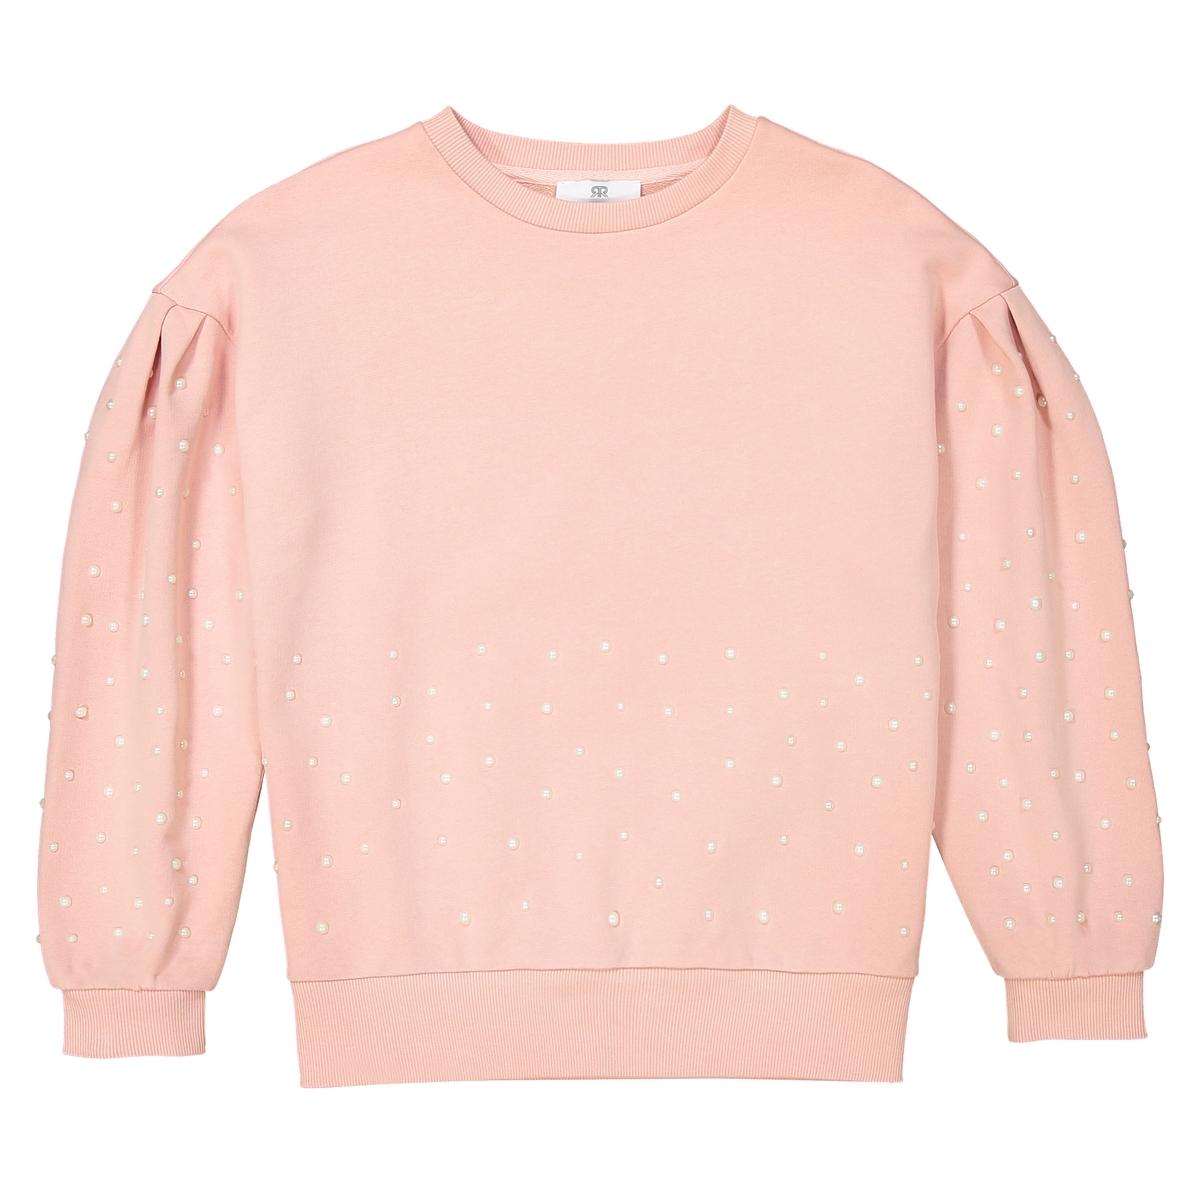 Свитшот La Redoute С капюшоном 16 лет - 162 см розовый шорты la redoute плавательные с принтом джунгли мес года 18 мес 81 см синий